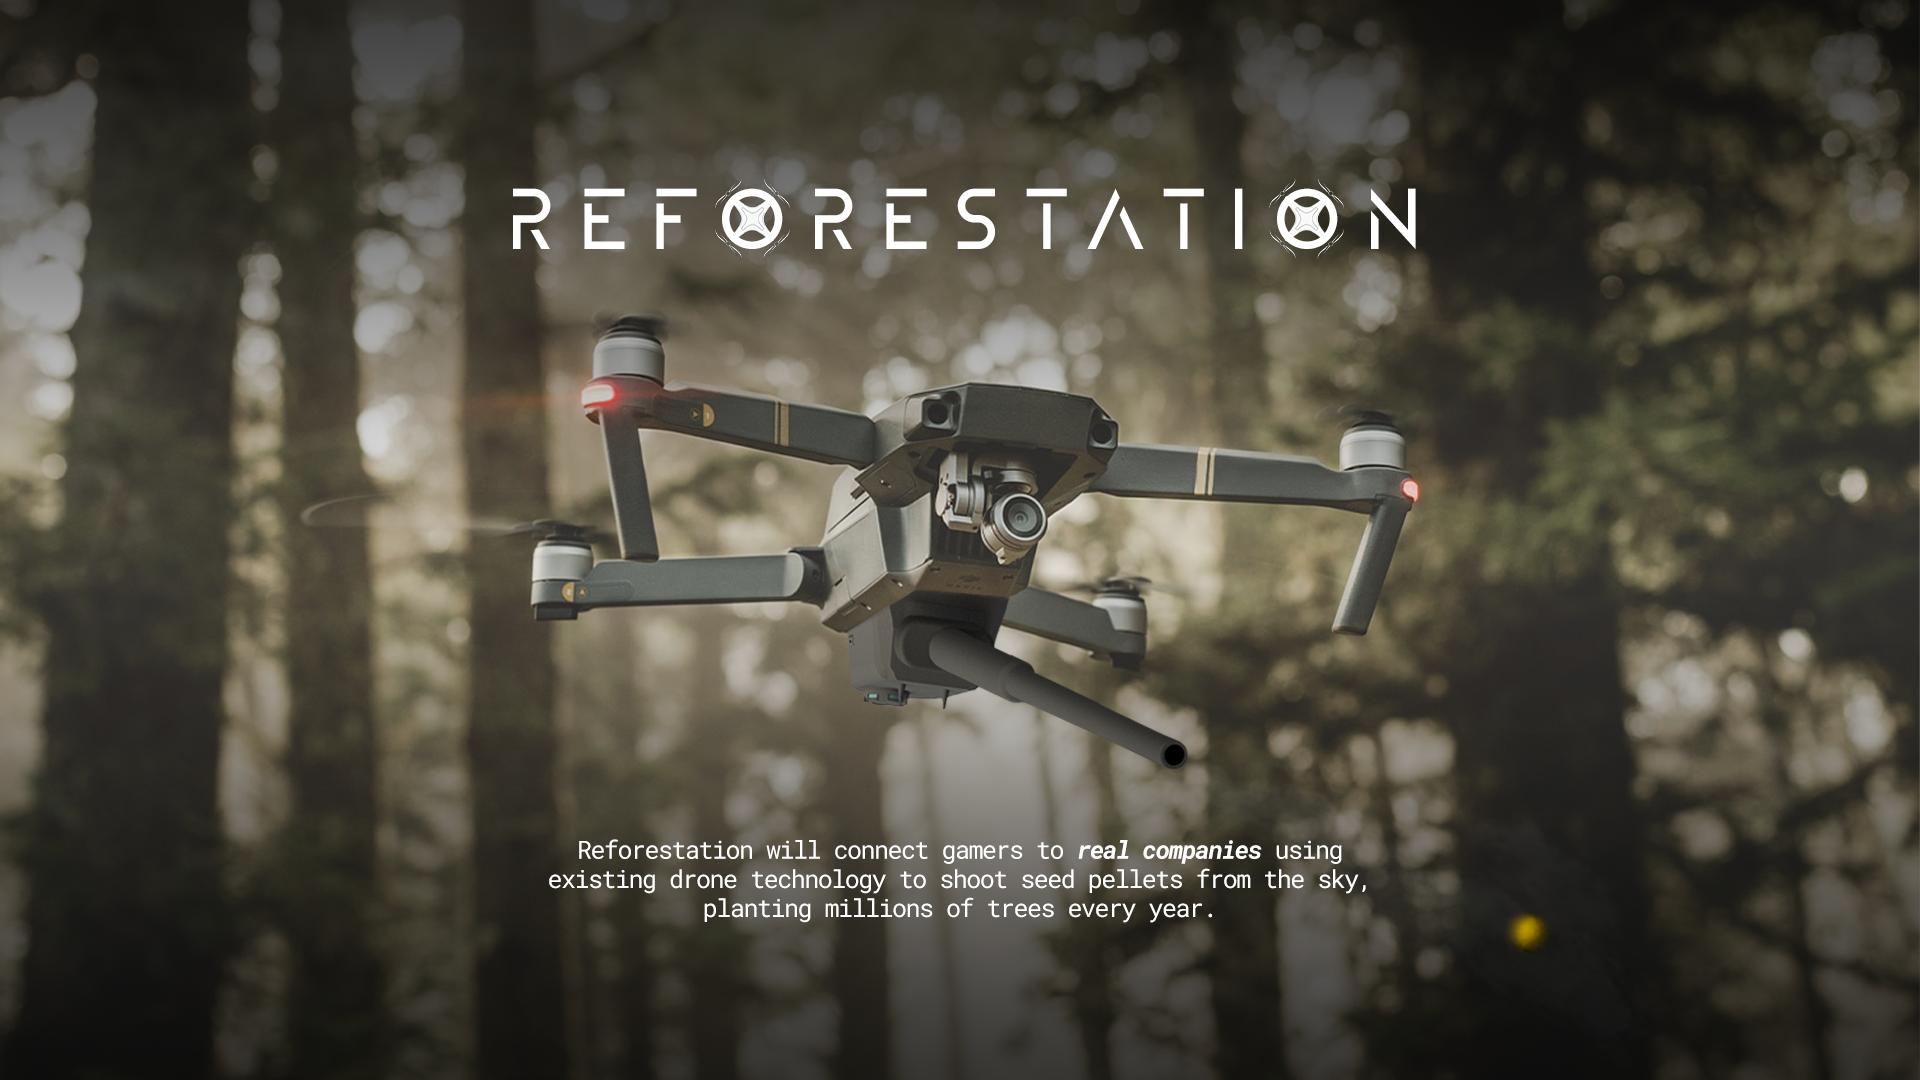 Thumbnail for Reforestation